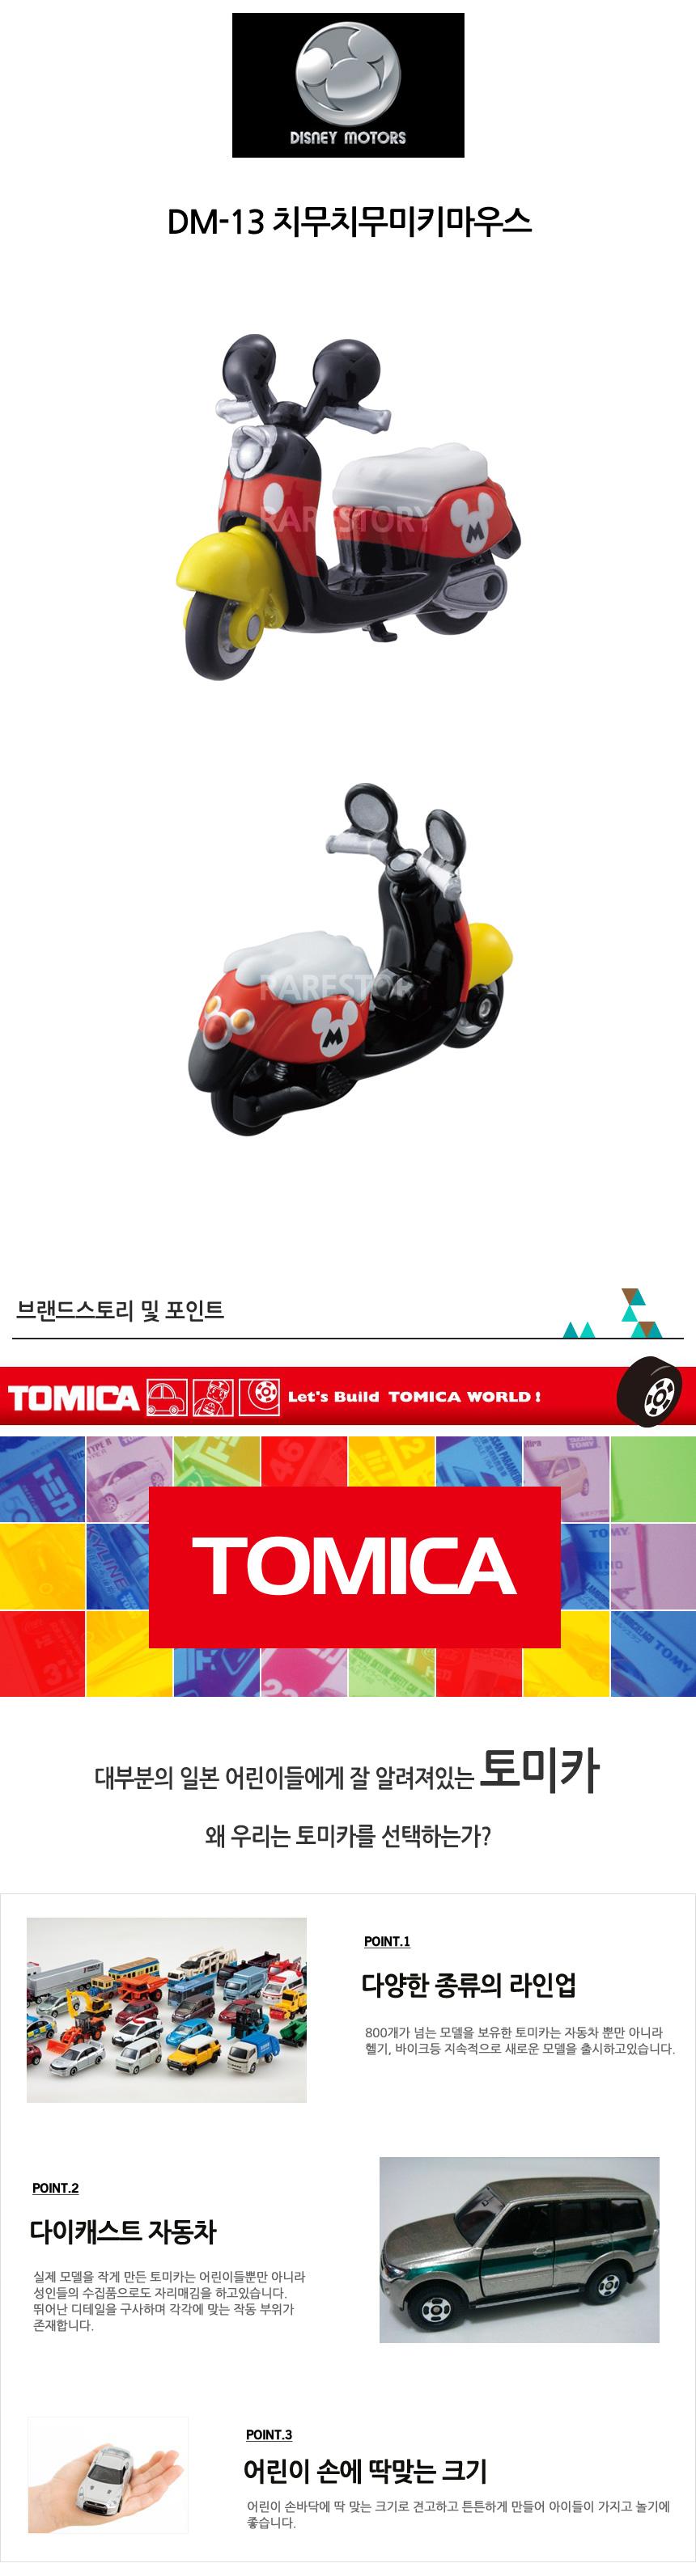 [디즈니모터스토미카]DM-13 치무치무미키마우스12,500원-토미카키덜트/취미, 모형장난감, 자동차 모형, 기타 자동차바보사랑[디즈니모터스토미카]DM-13 치무치무미키마우스12,500원-토미카키덜트/취미, 모형장난감, 자동차 모형, 기타 자동차바보사랑